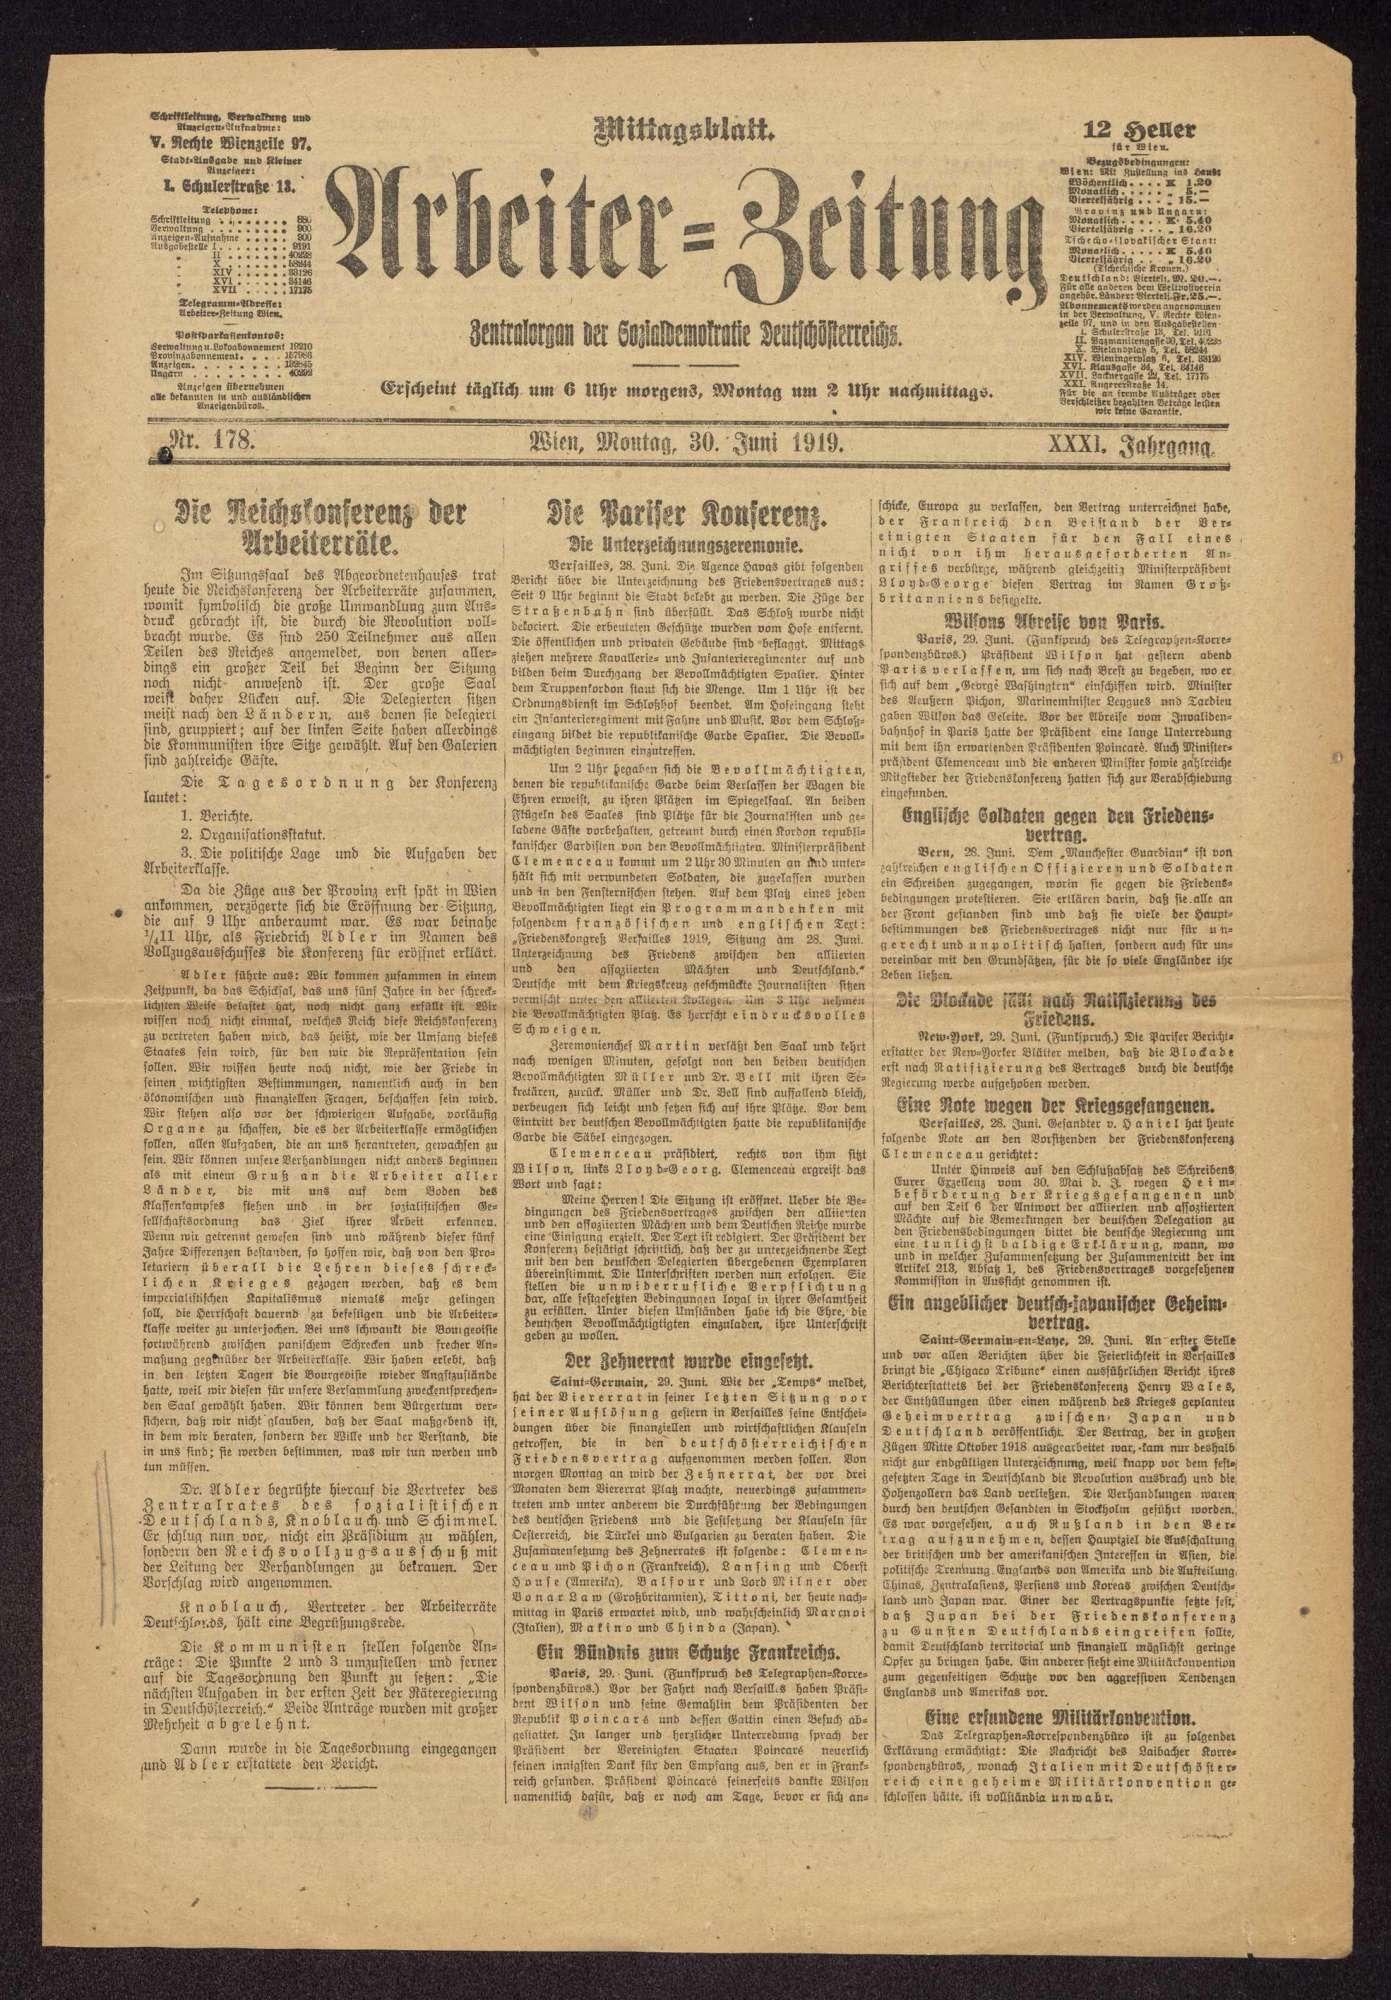 Teilnahme an den Kongressen der Arbeiter-, Bauern- und Soldatenräte v. 16.-20.12.1918 (1. Rätekongress) und v. 8.-14.4.1919 (2. Rätekongress) in Berlin und Tätigkeit als Mitglied des Zentralrats der deutschen Arbeiterräte, Bild 1